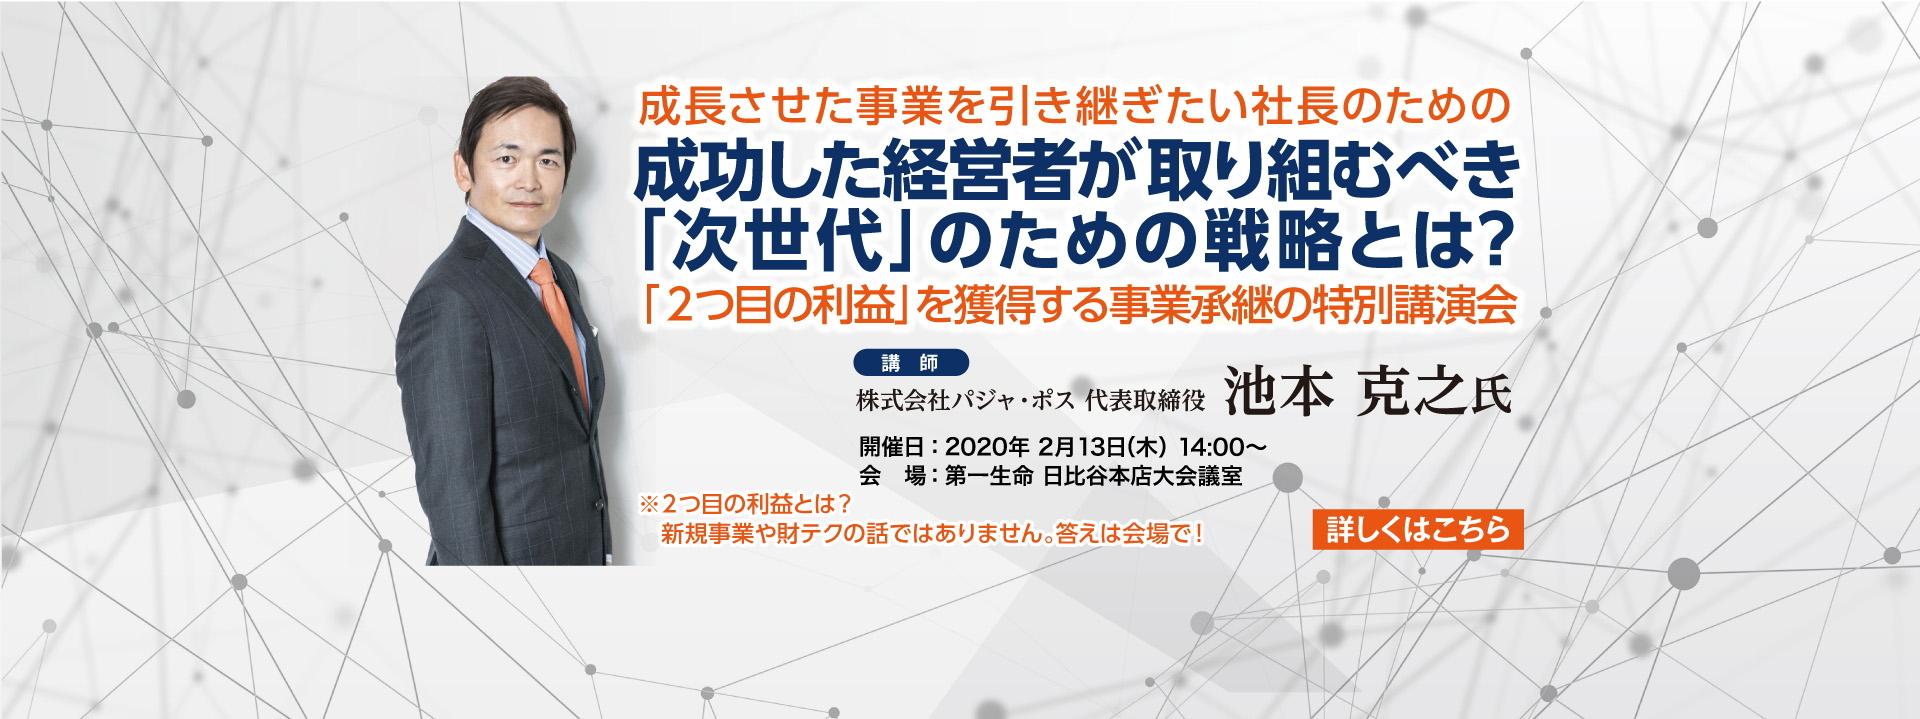 「2つ目の利益」を獲得する事業承継の特別講演会